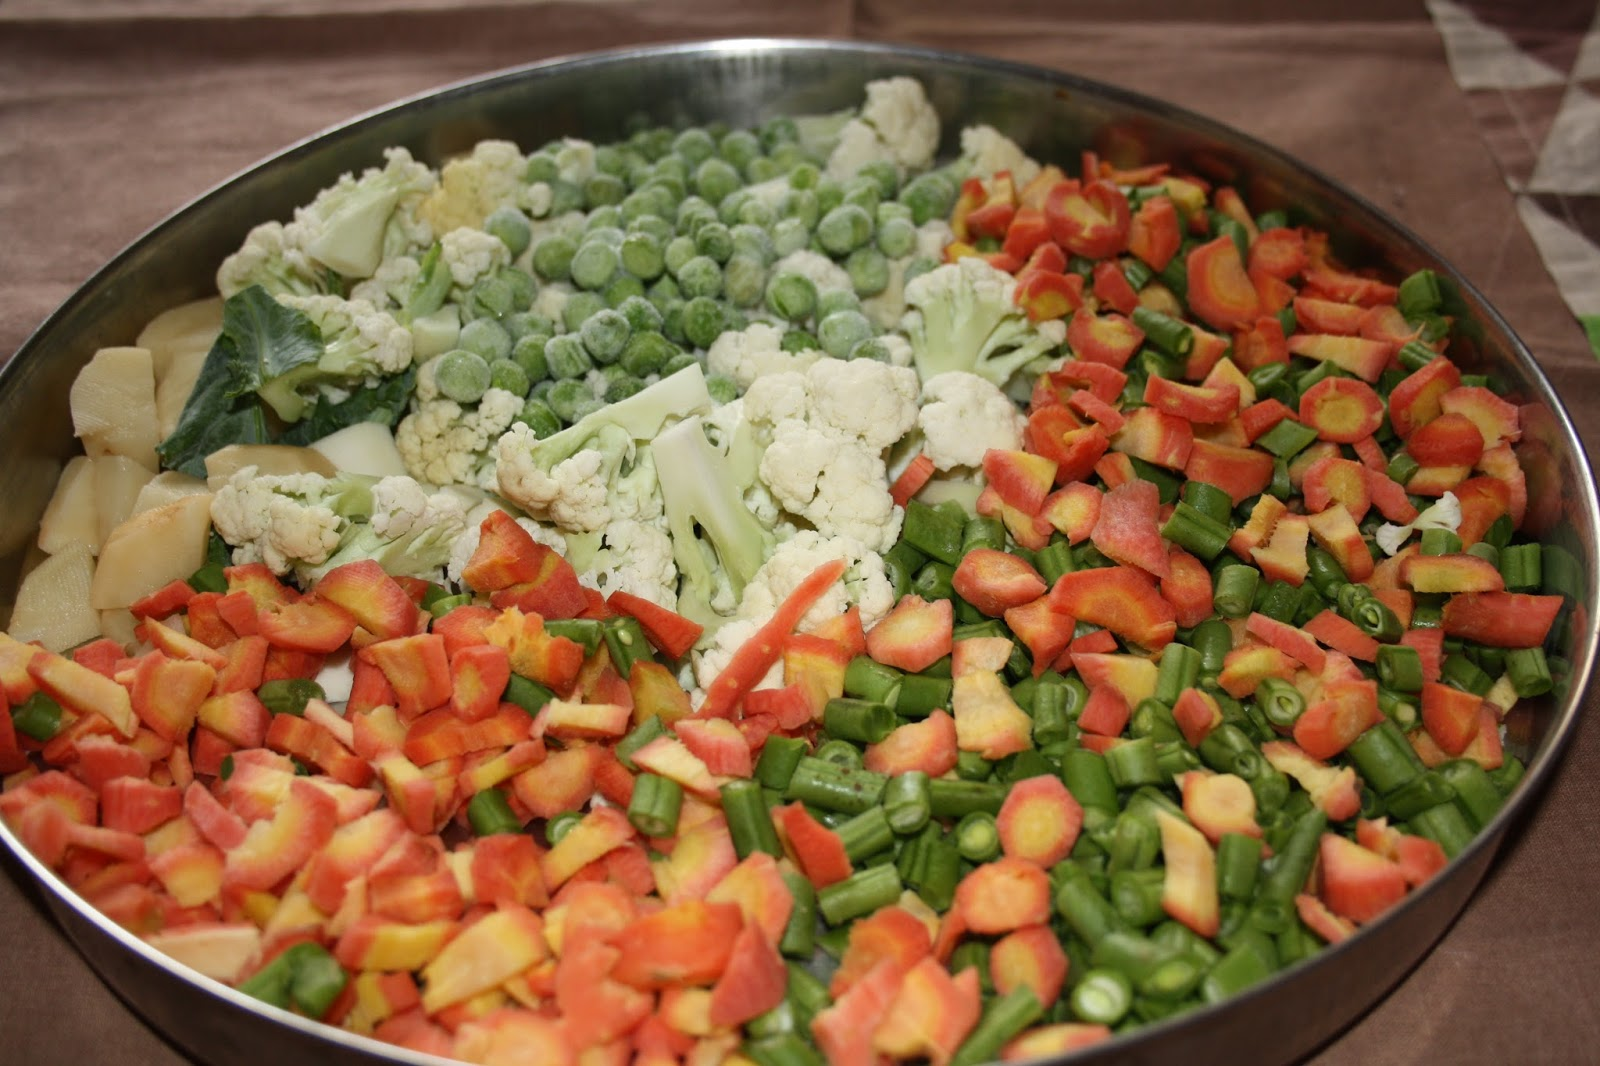 Vegetarijansko jelo sa pet vrsta povrća na indijski način (mix veggies) - Veg...